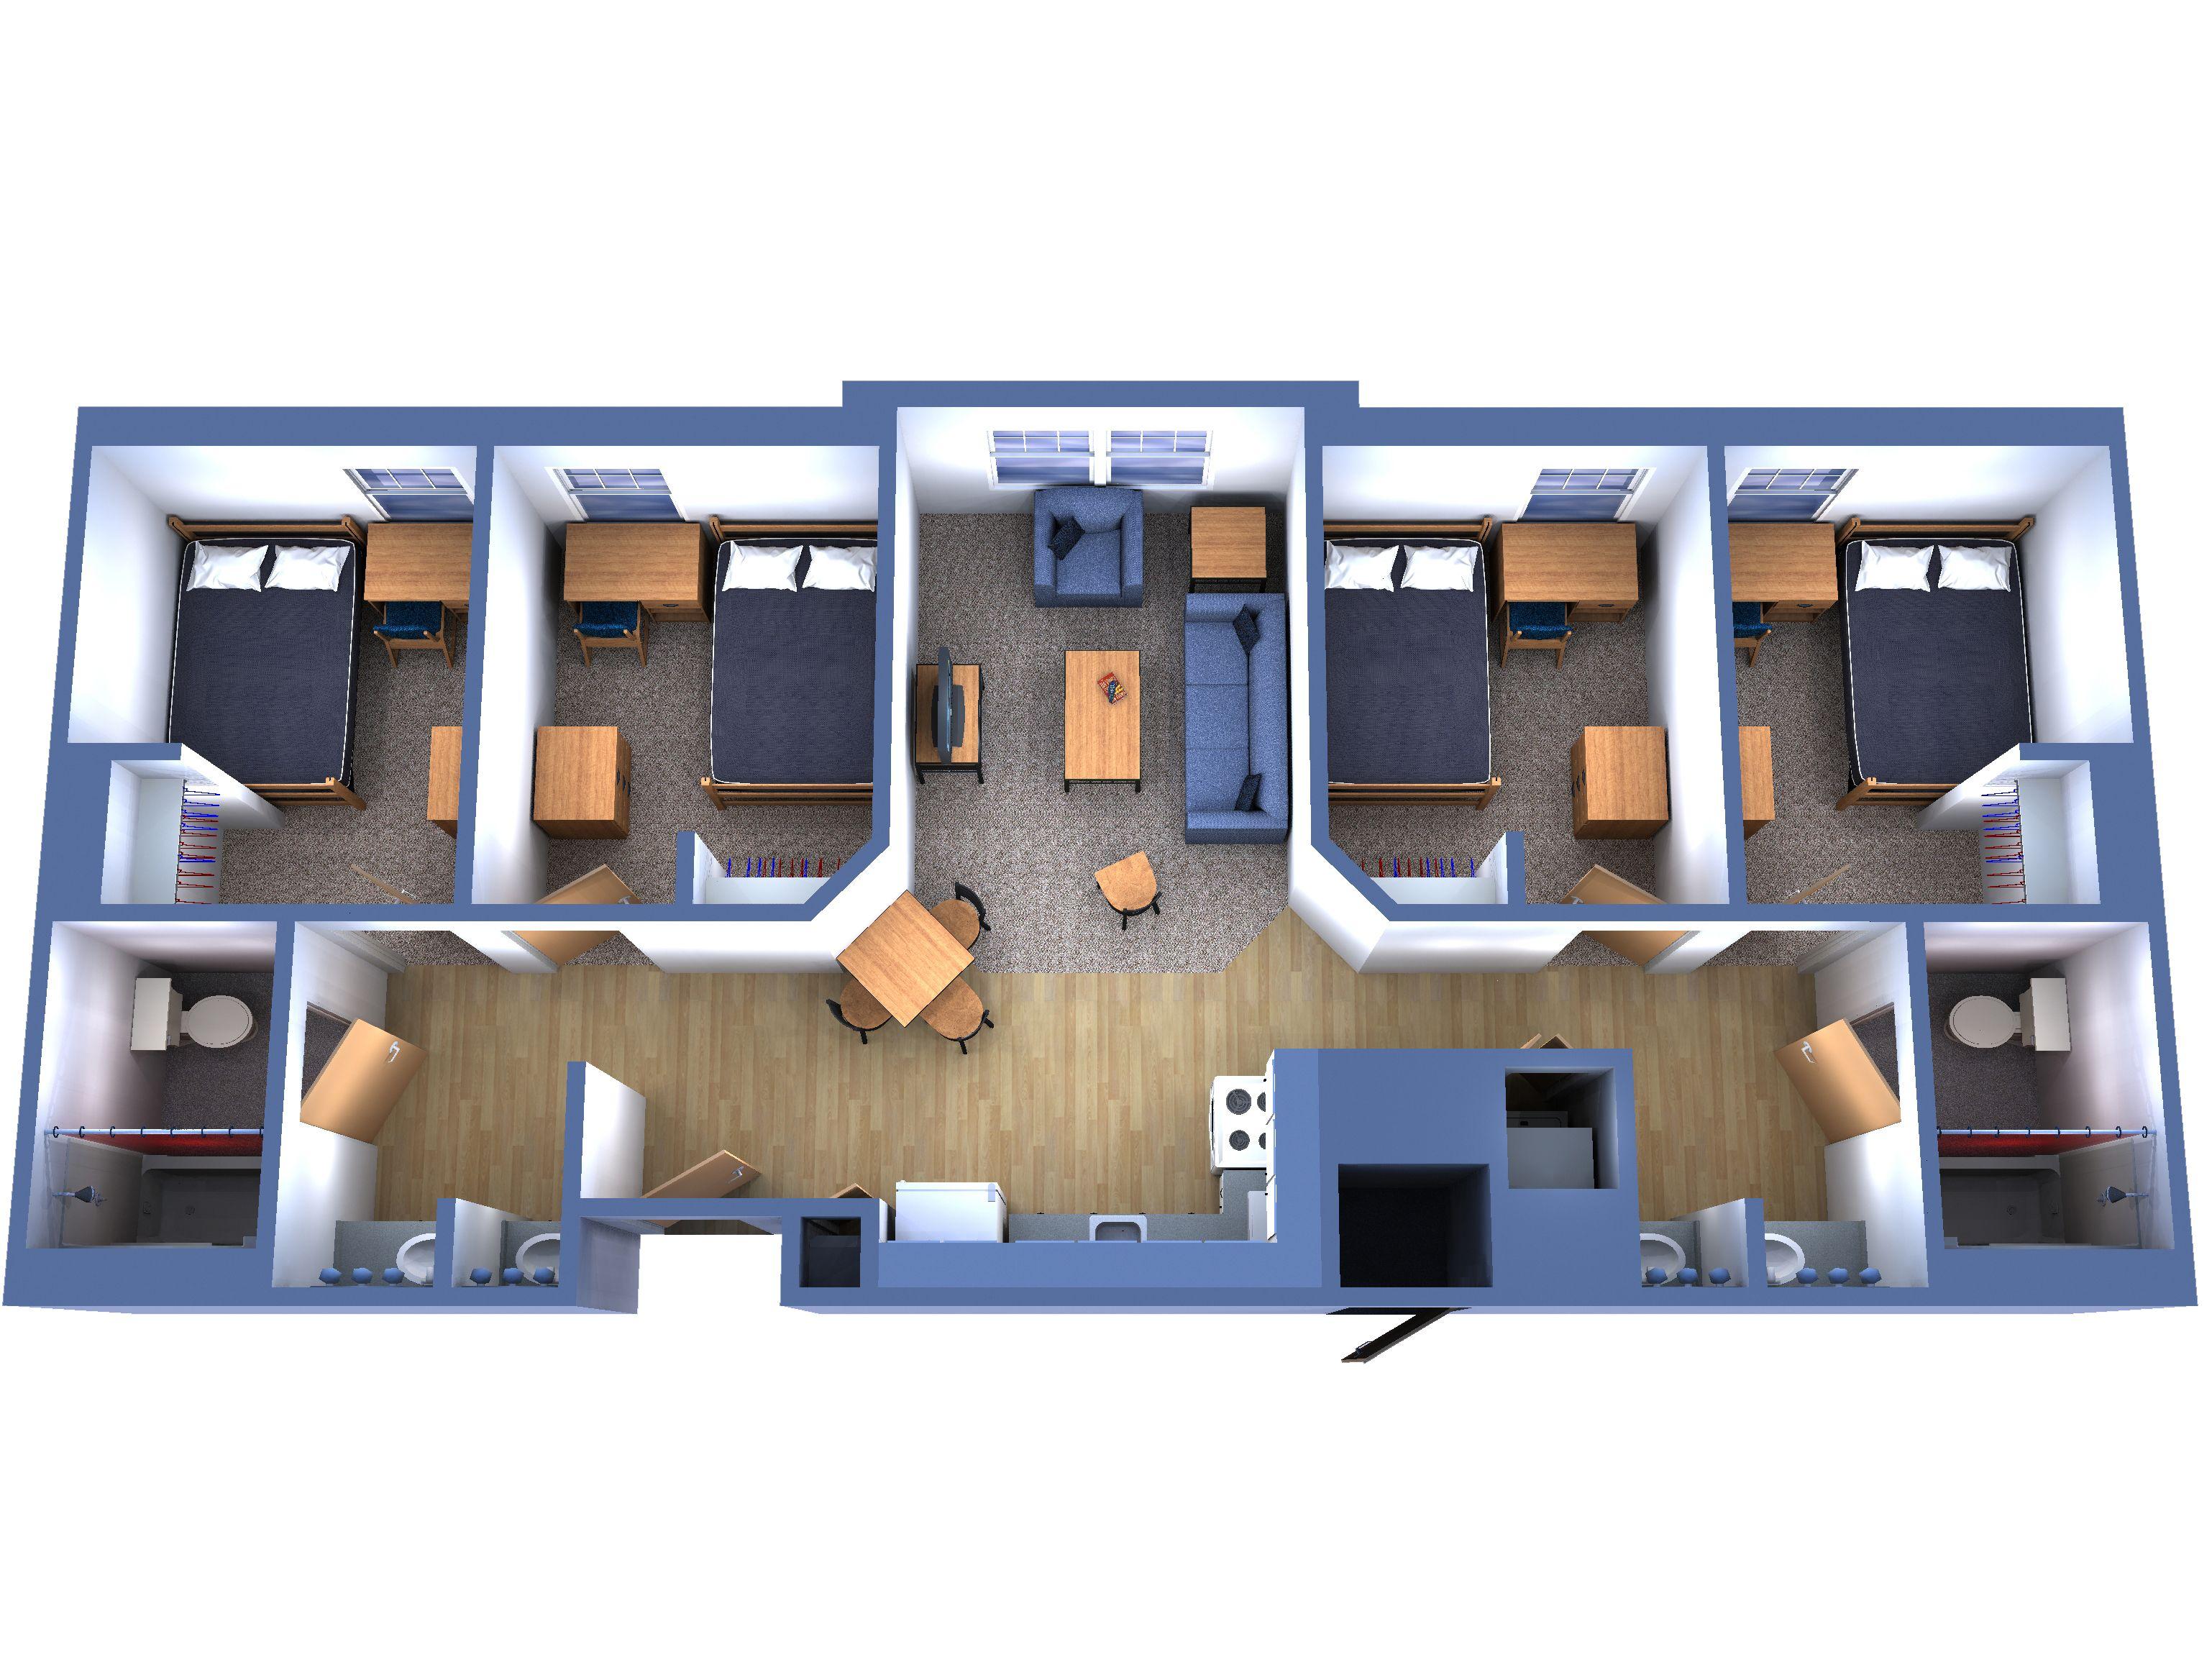 three bedroom flat layout - Google keresés | Házak | Pinterest ...